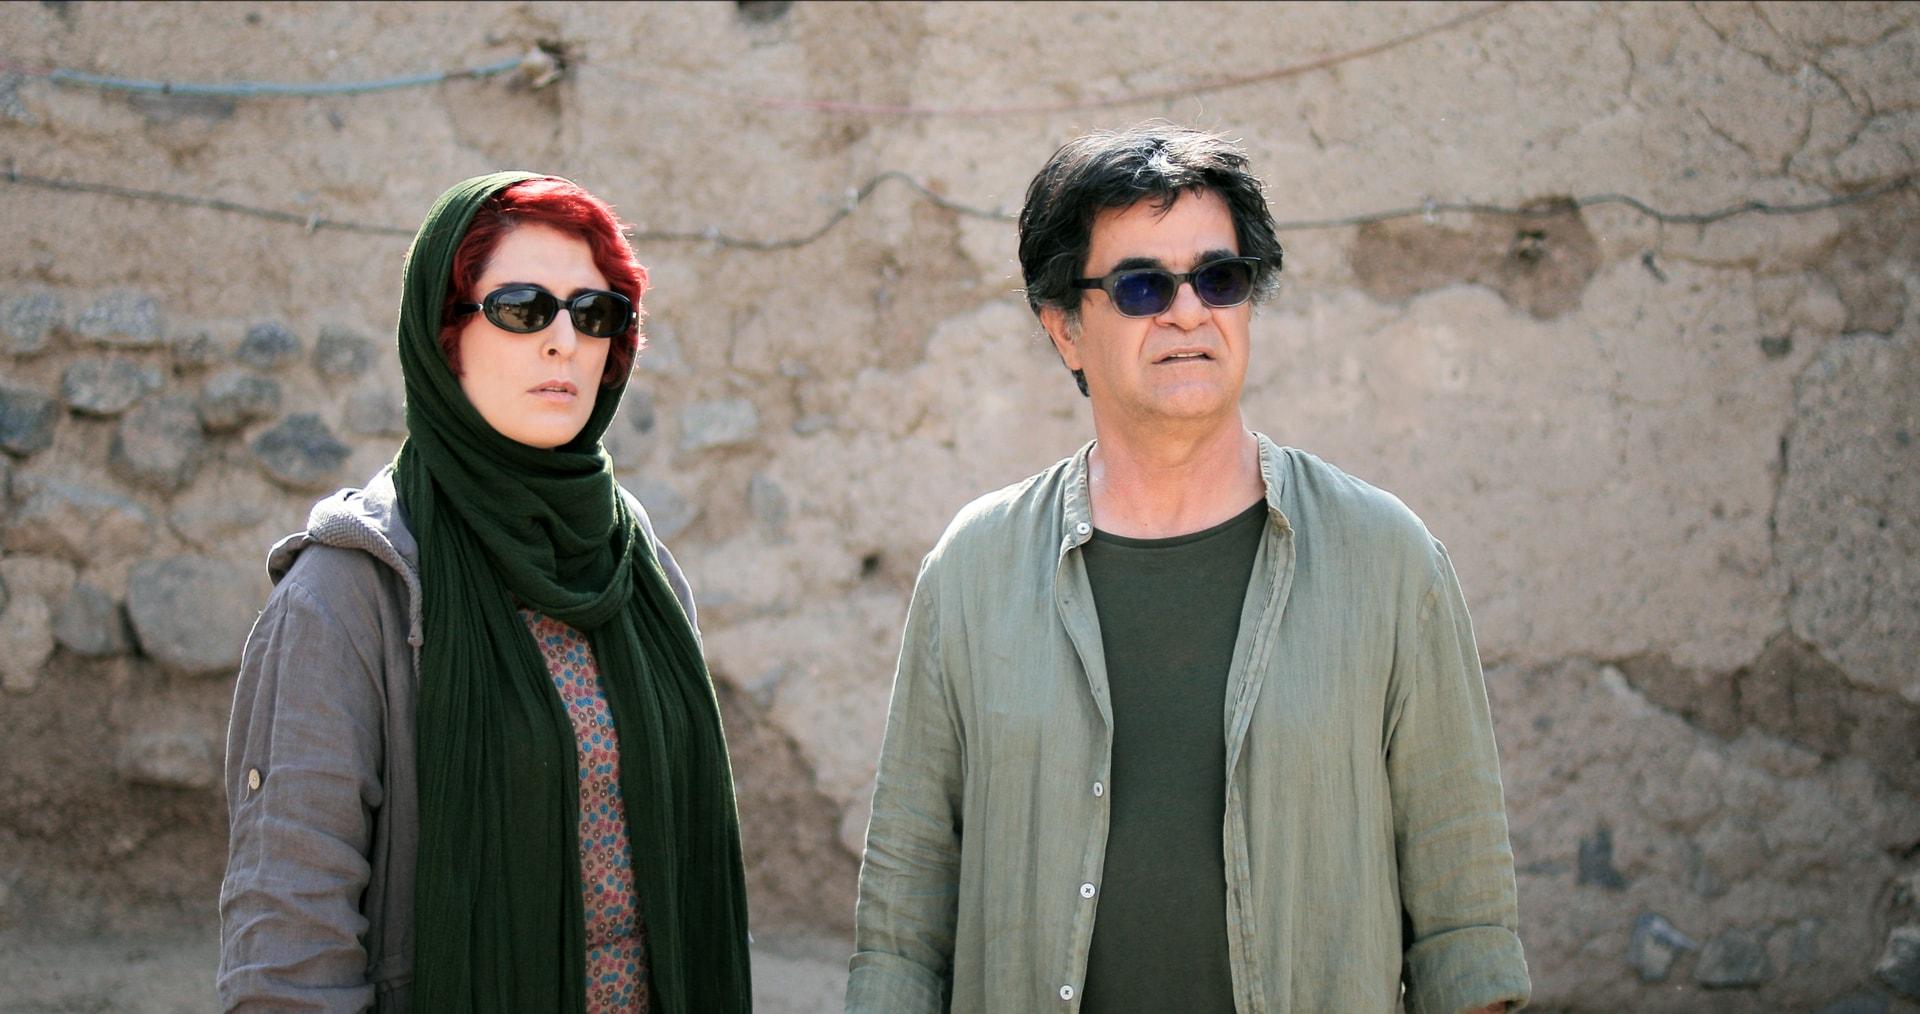 Jafar Panahi et Behnaz Jafari dans le film Trois visages critique cannes 2018